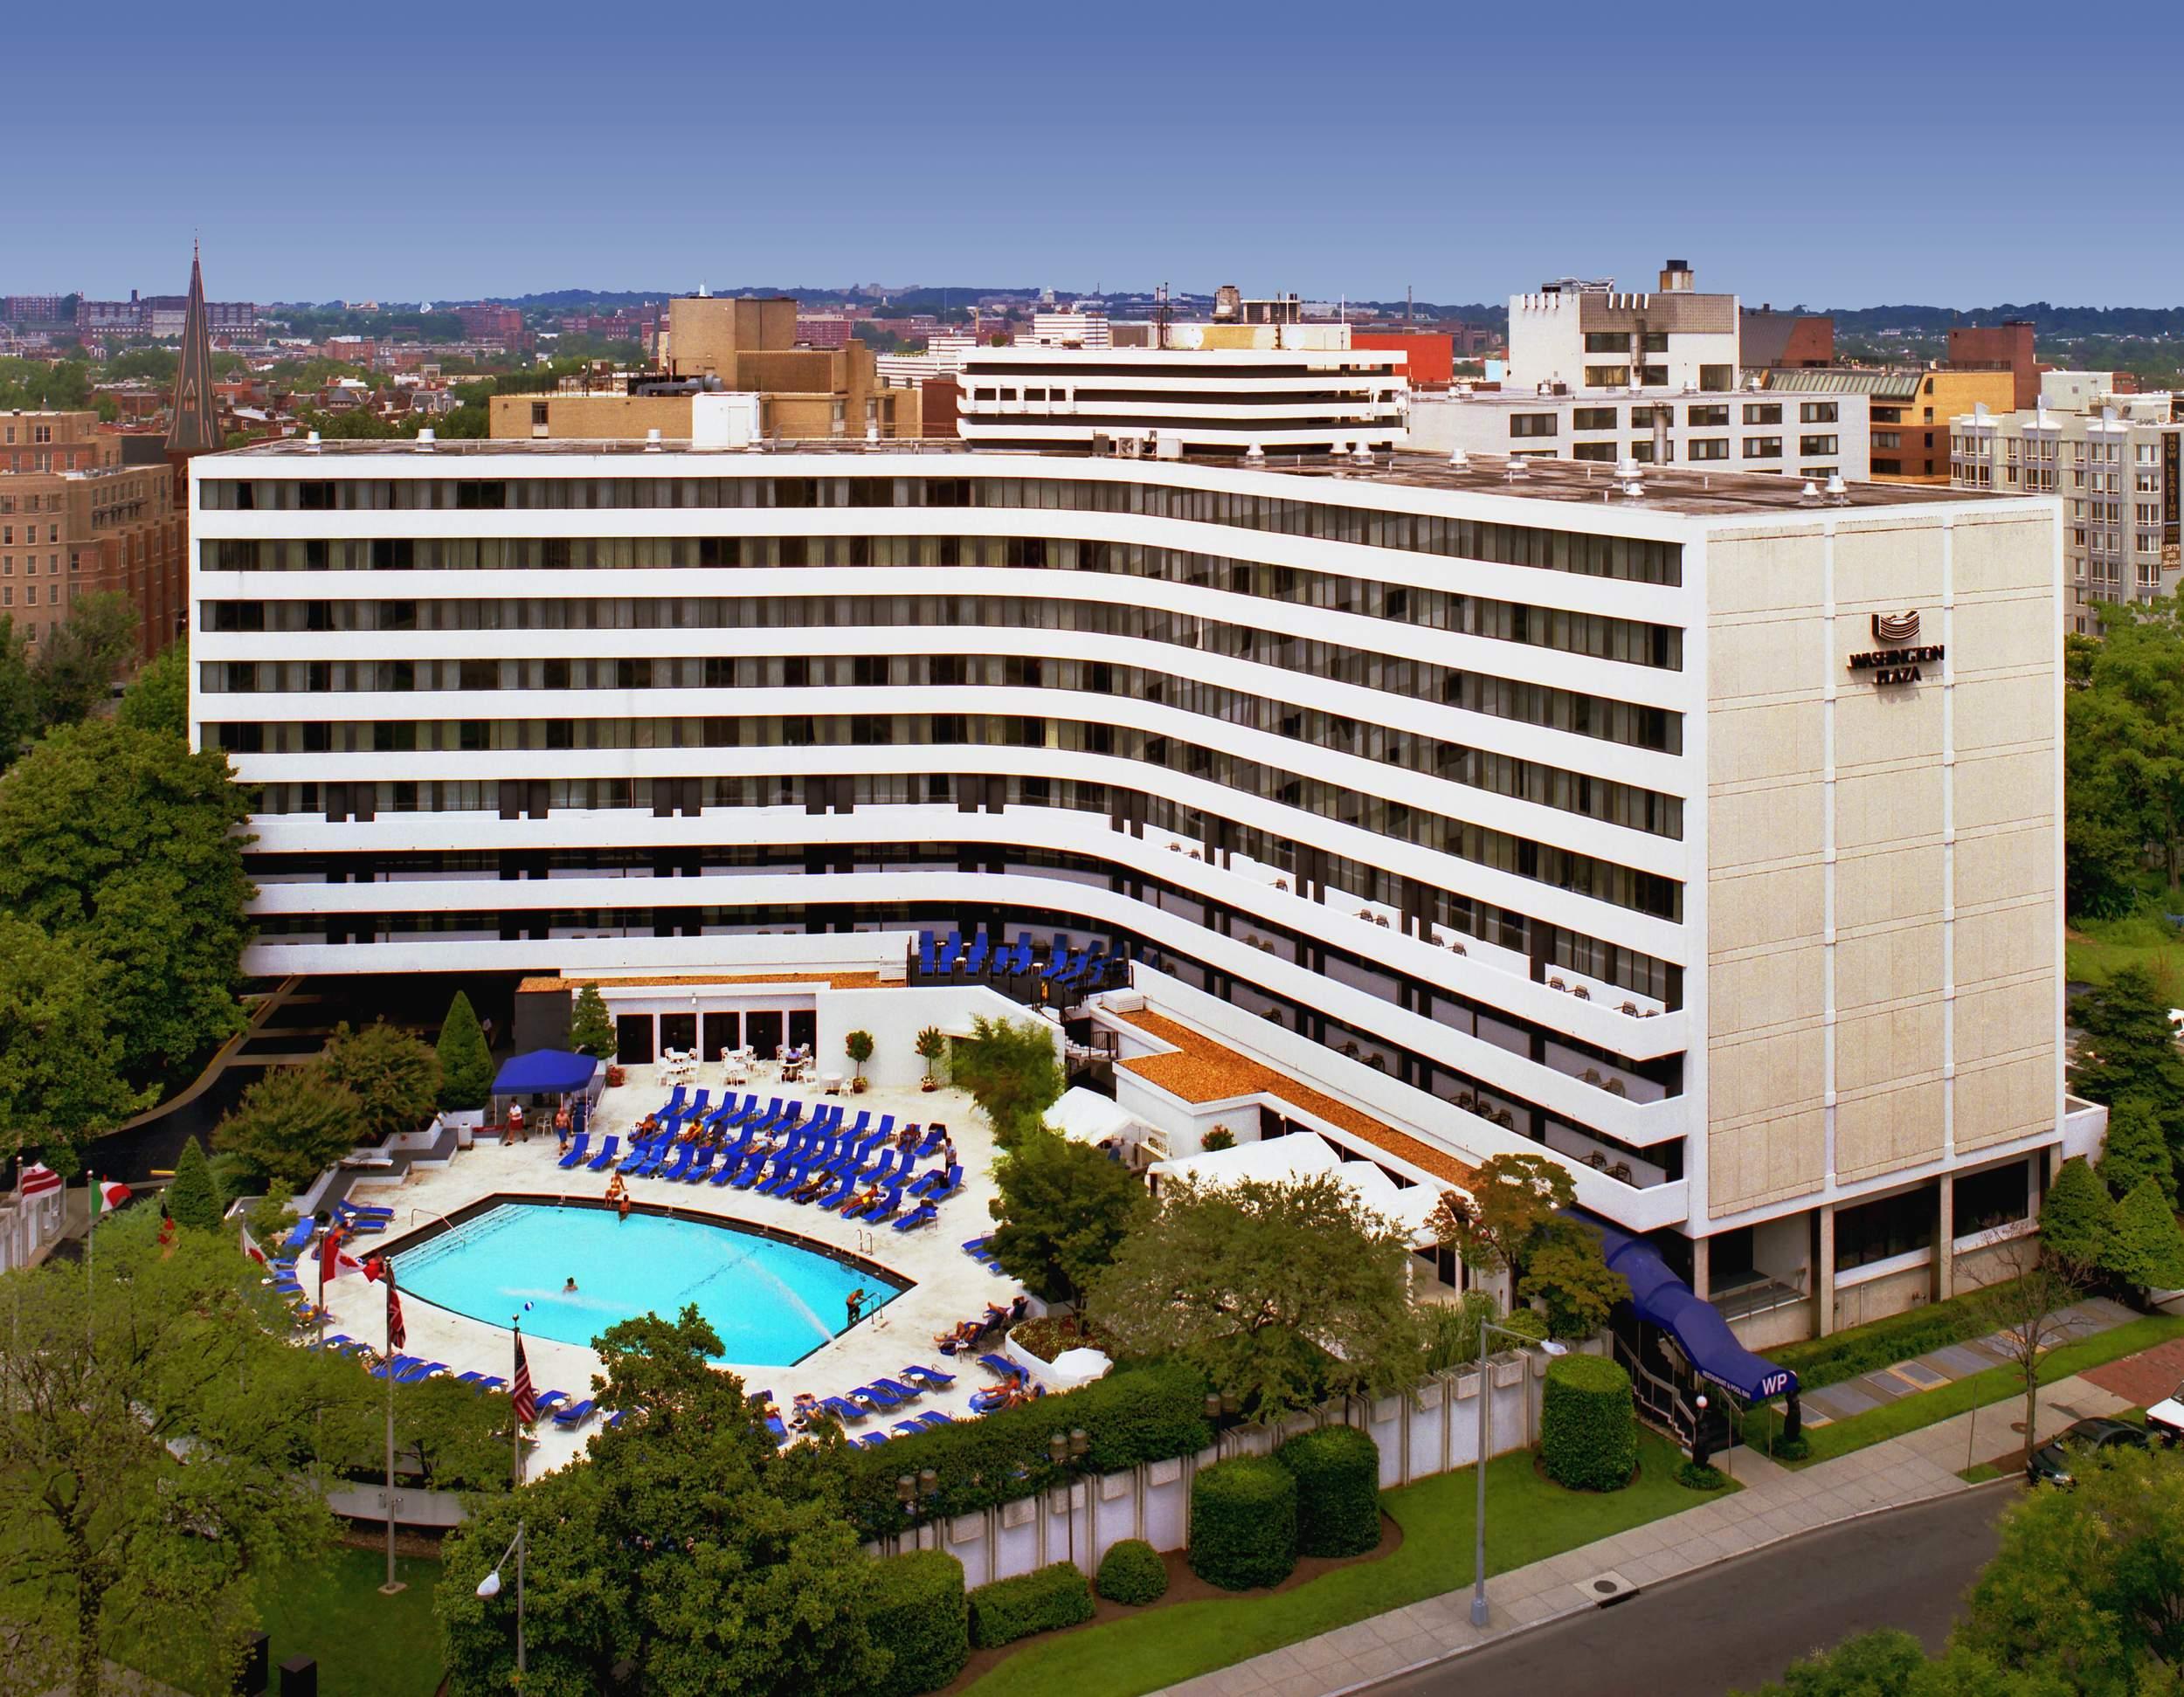 4/Washington Plaza Hotel